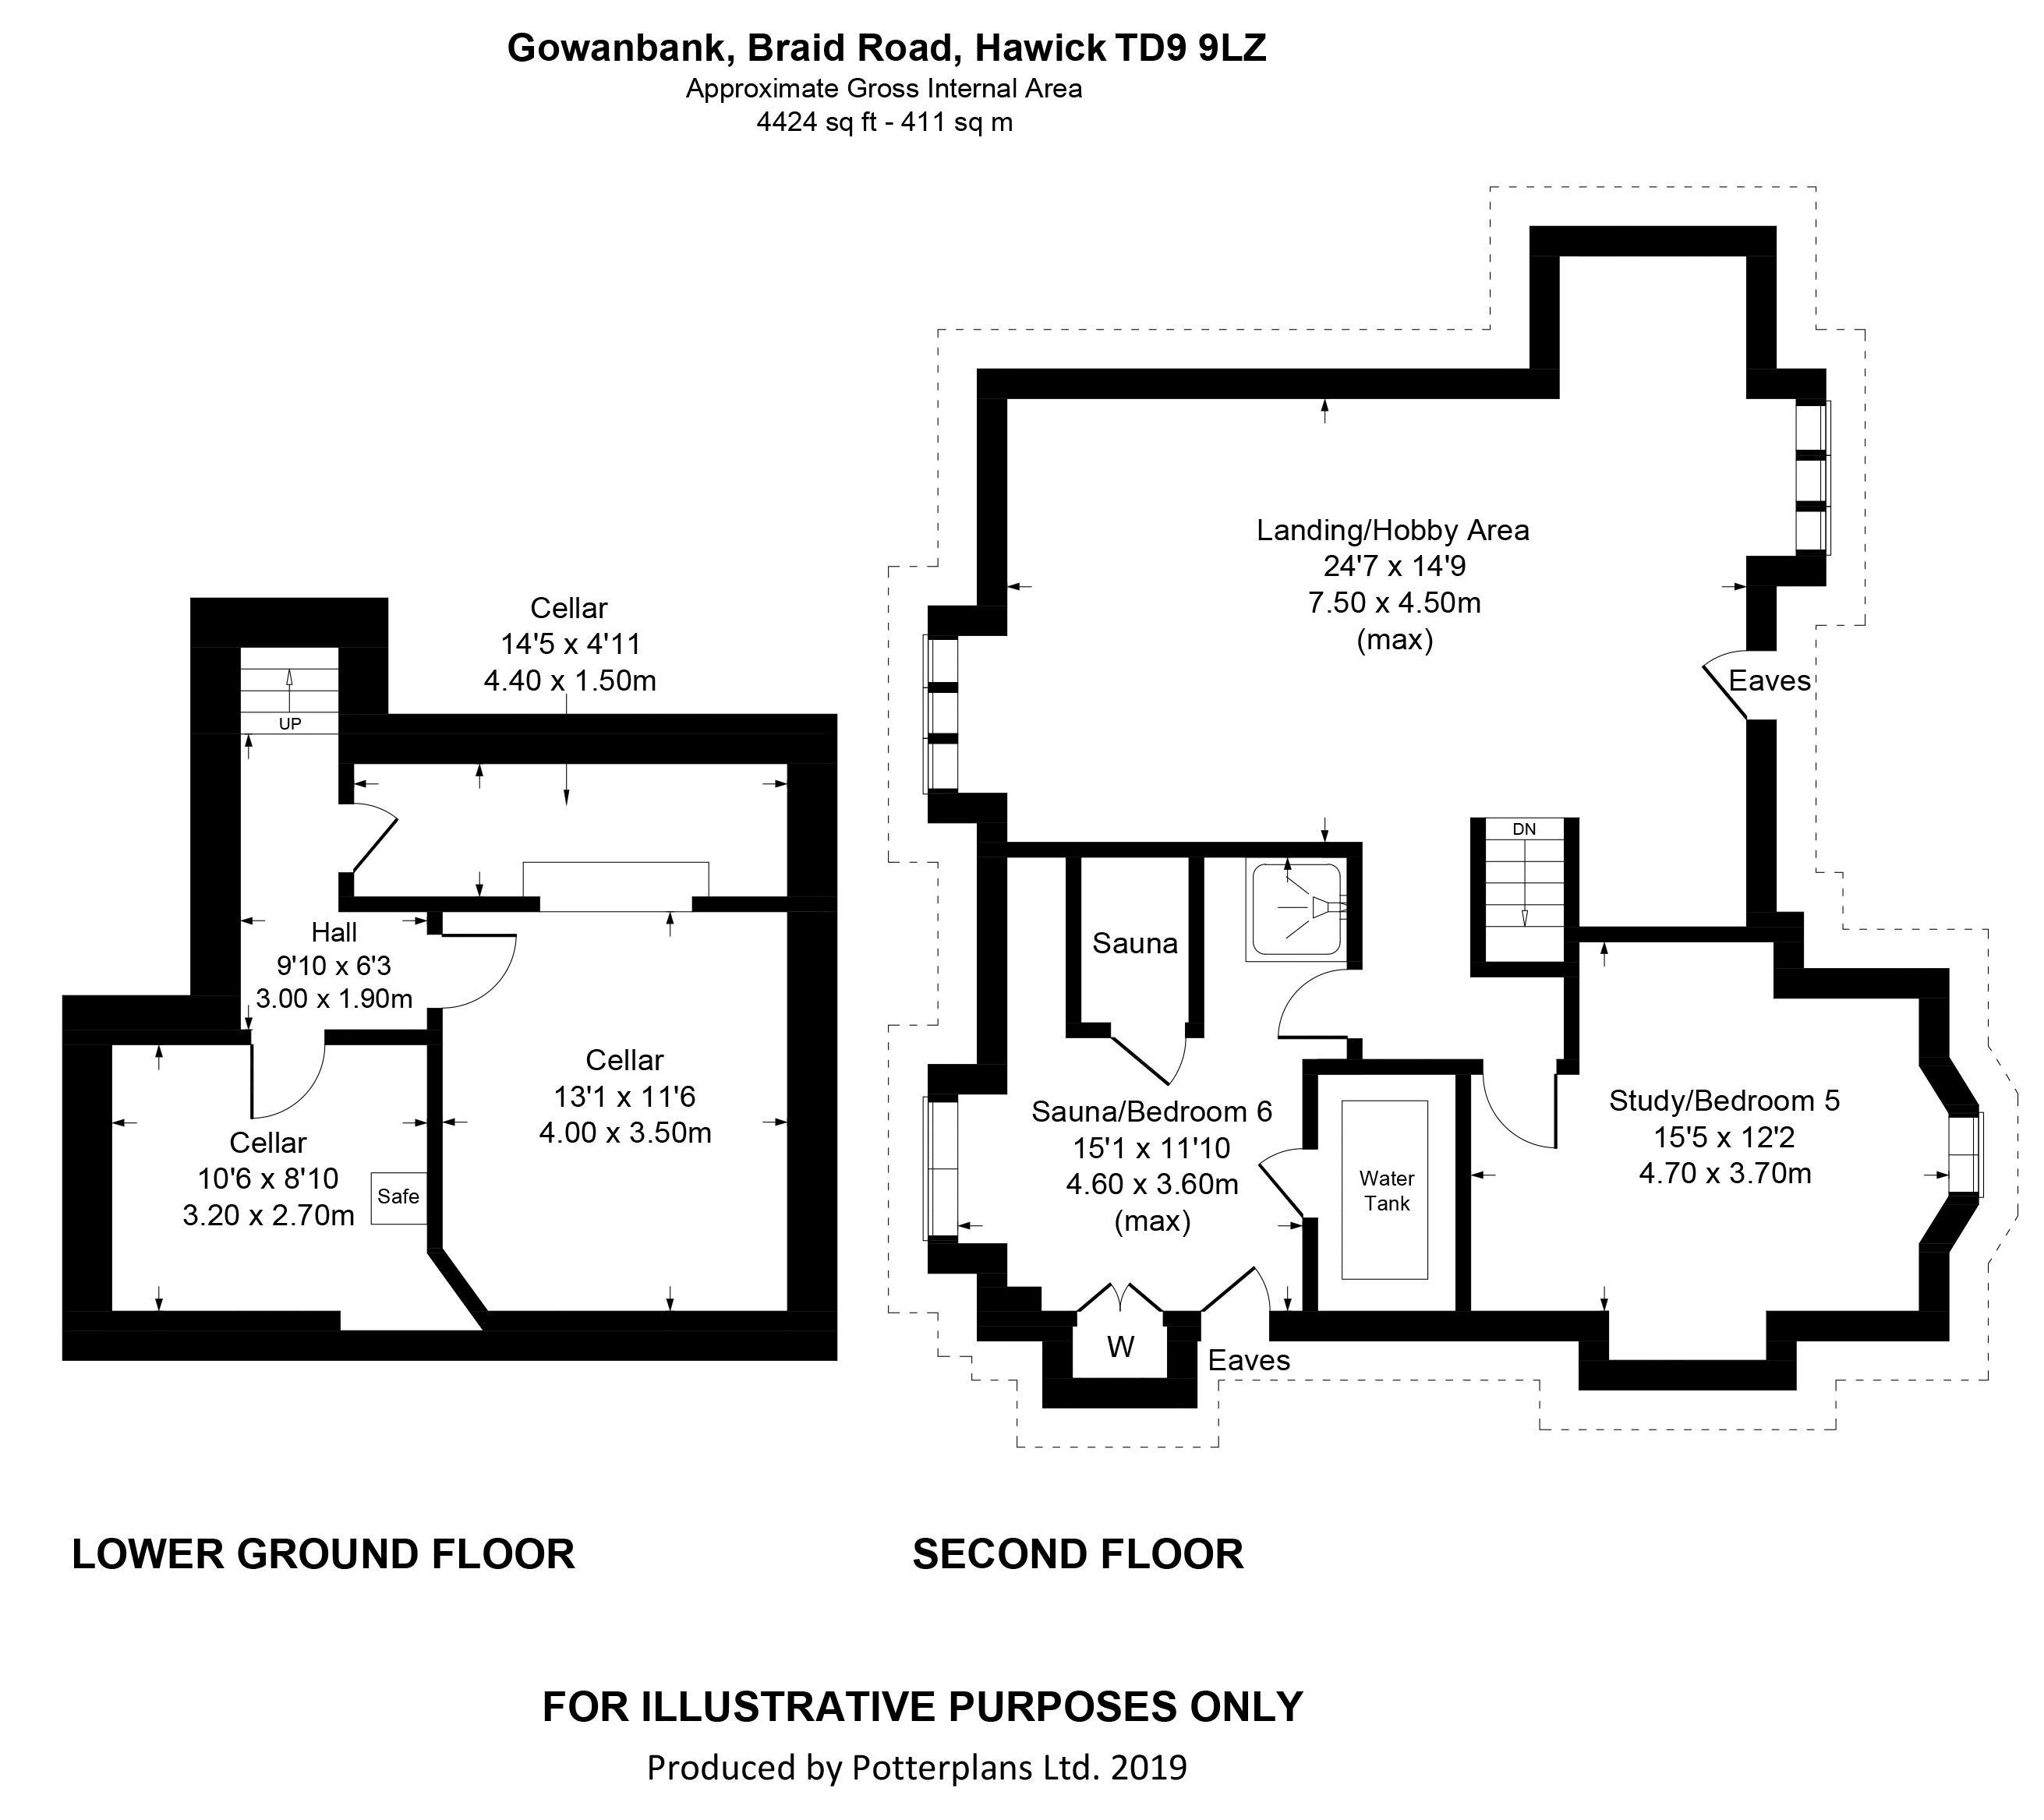 Gowanbank 2nd Floor & Lower Ground